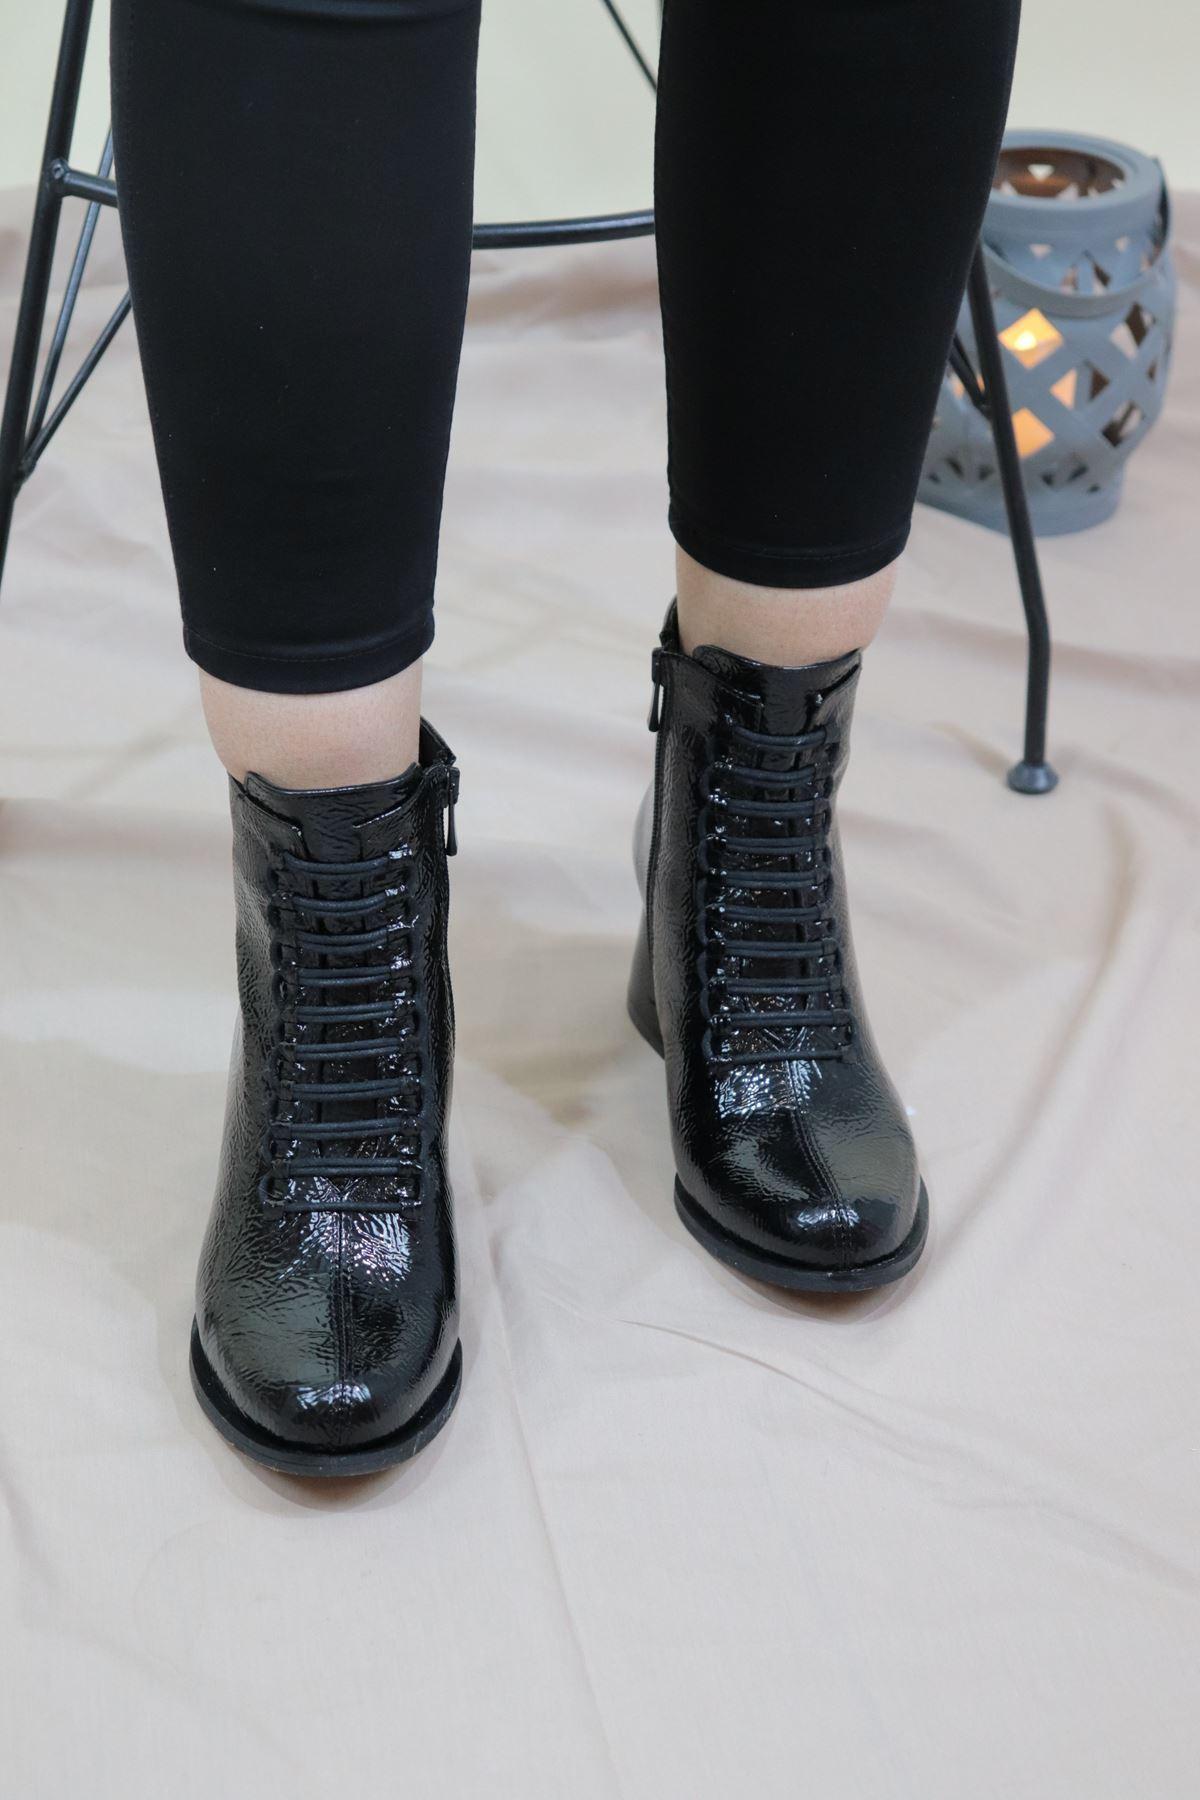 Trendayakkabı - Siyah Rugan Bağcıklı Kadın Bot